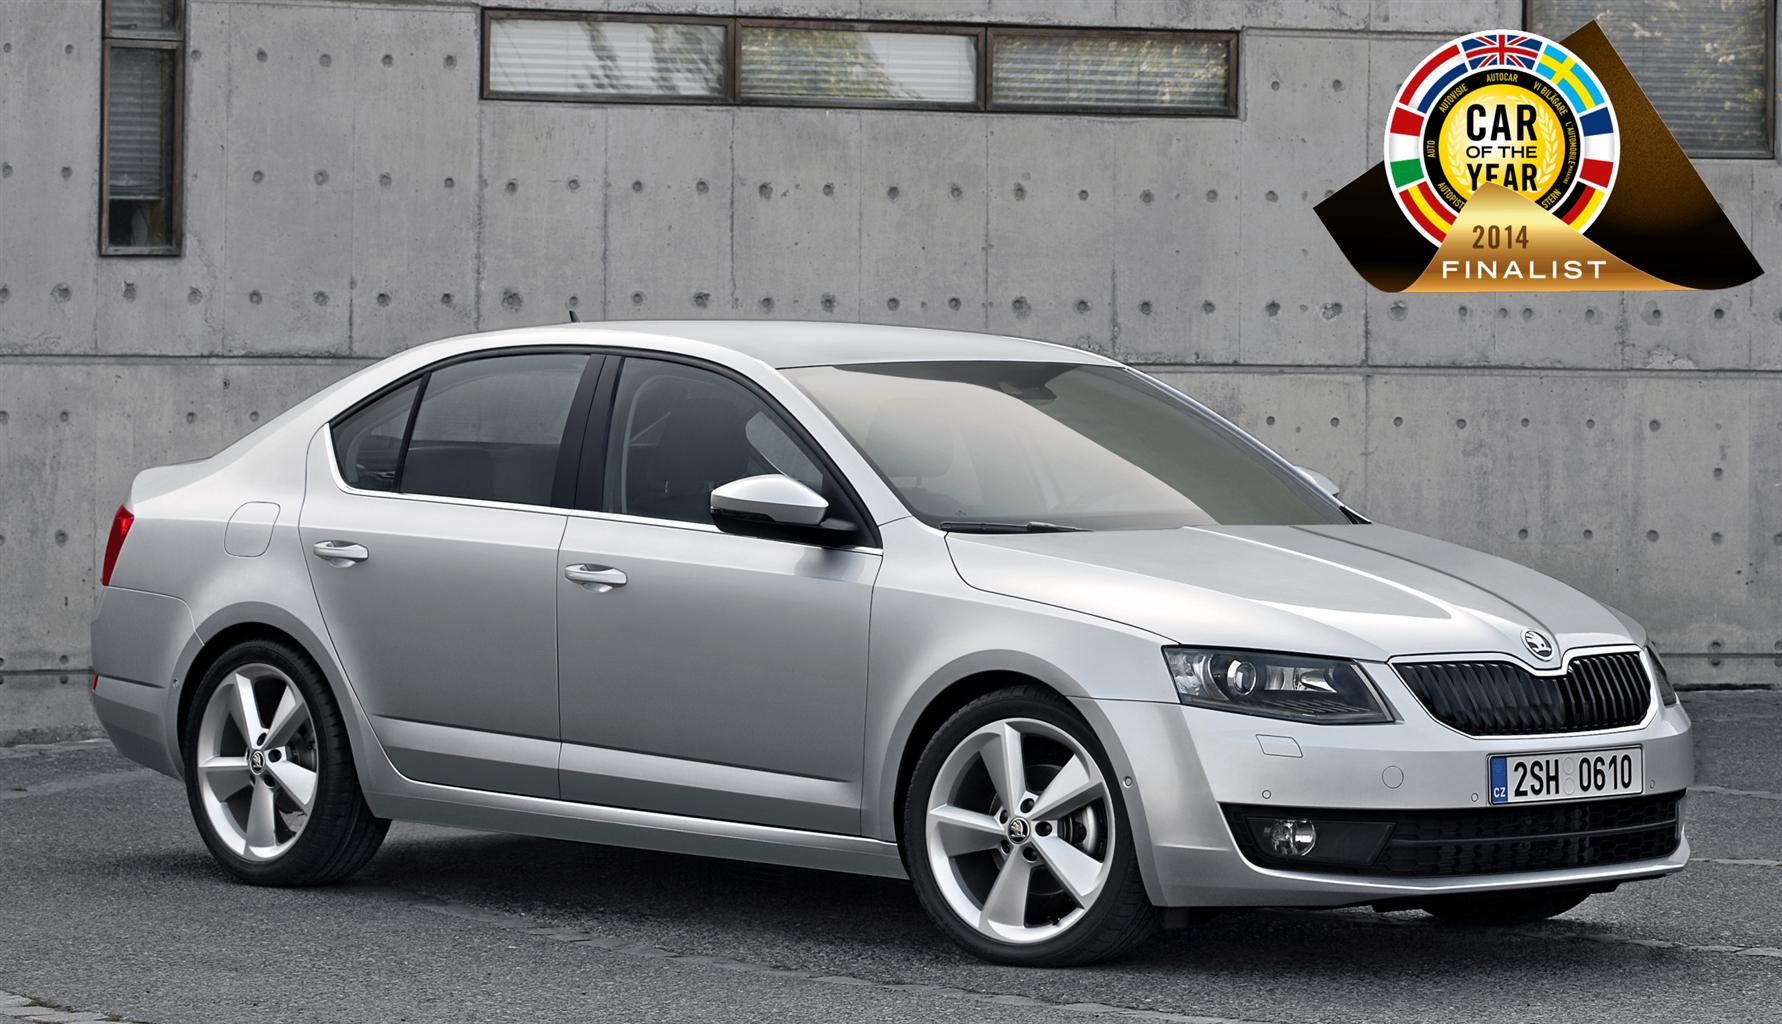 Nuova ŠKODA Octavia finalista a 'Car of the Year 2014'